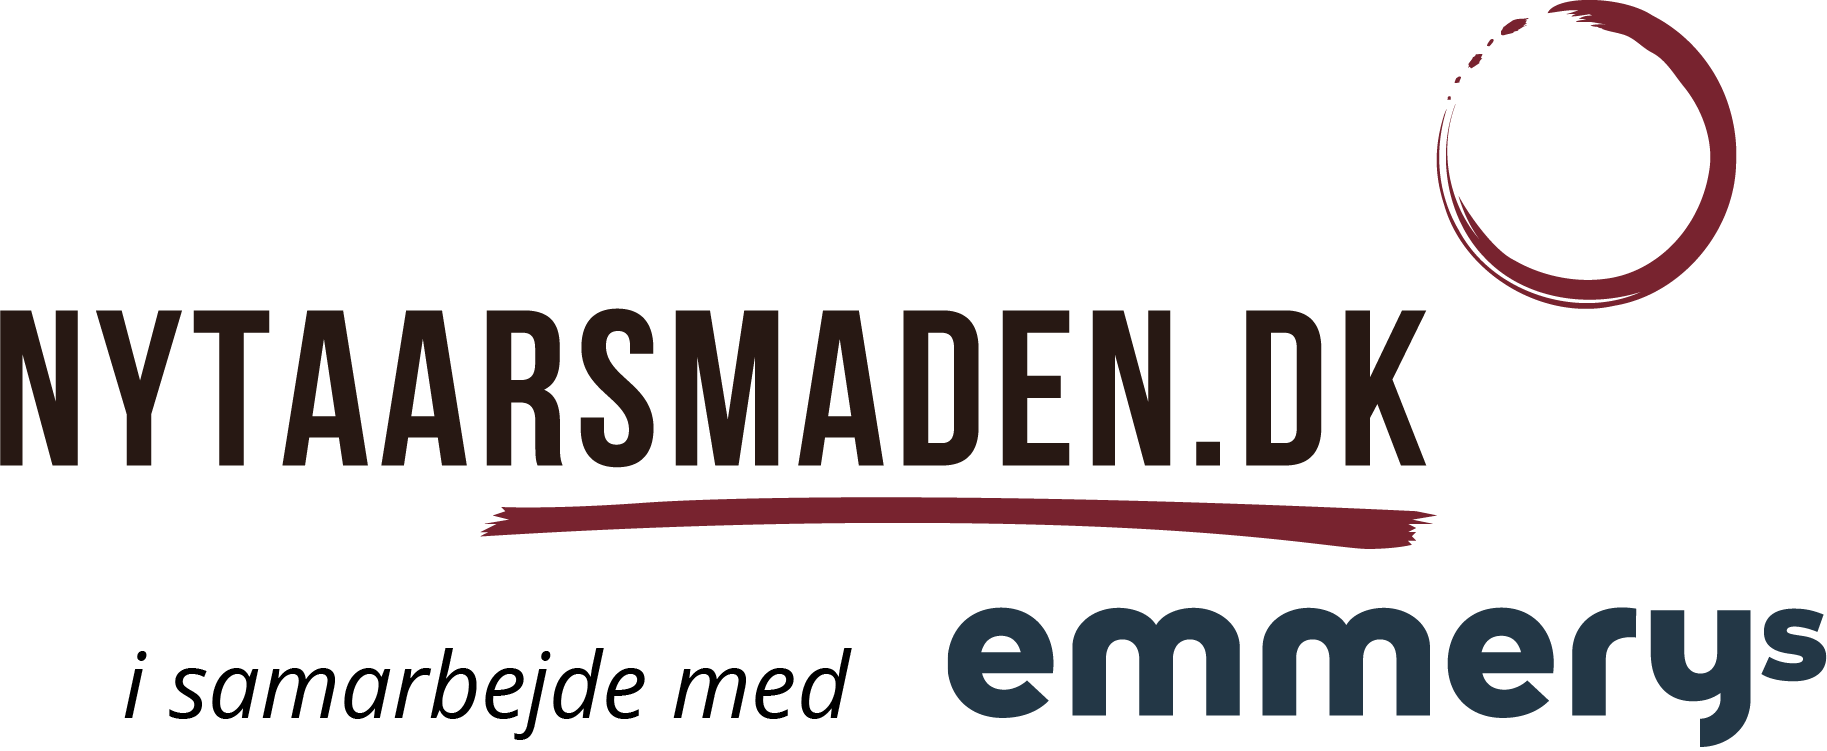 Nytaarsmaden.dk